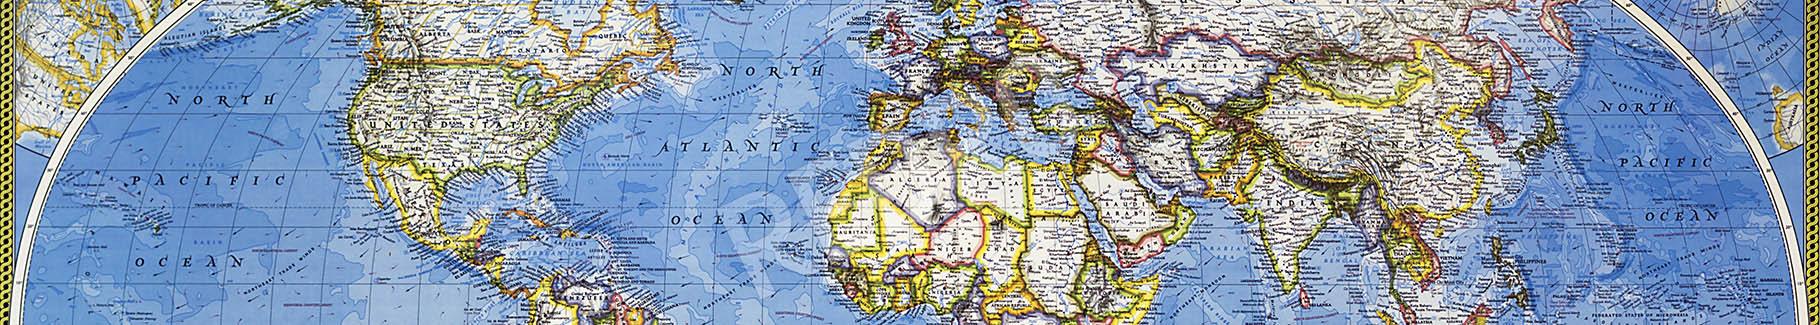 Fototapeta kontynenty - mapa świata